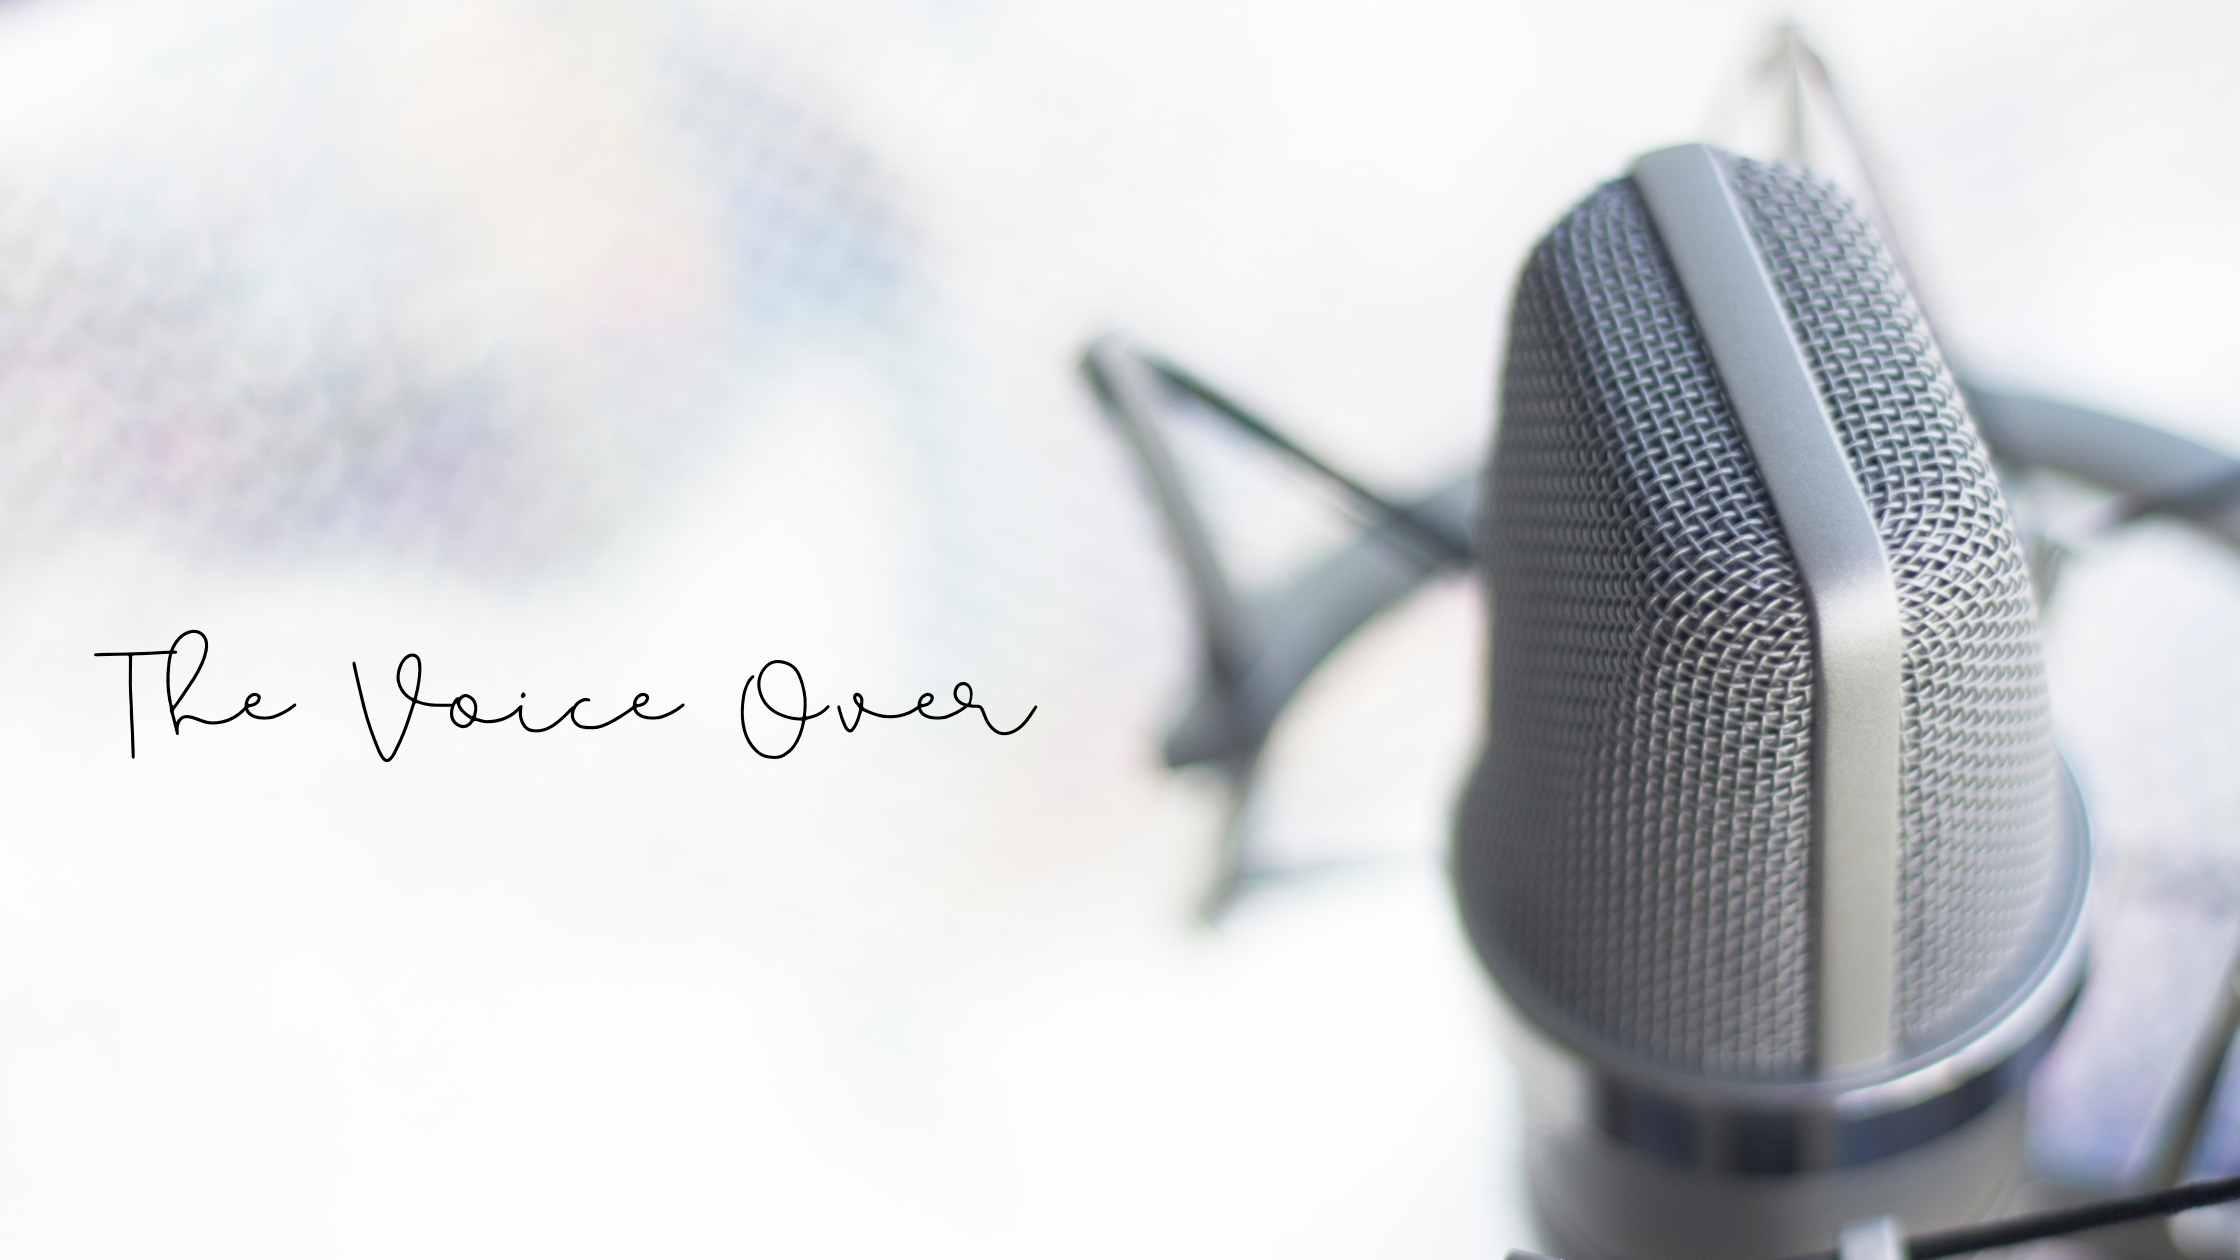 belajar voice over